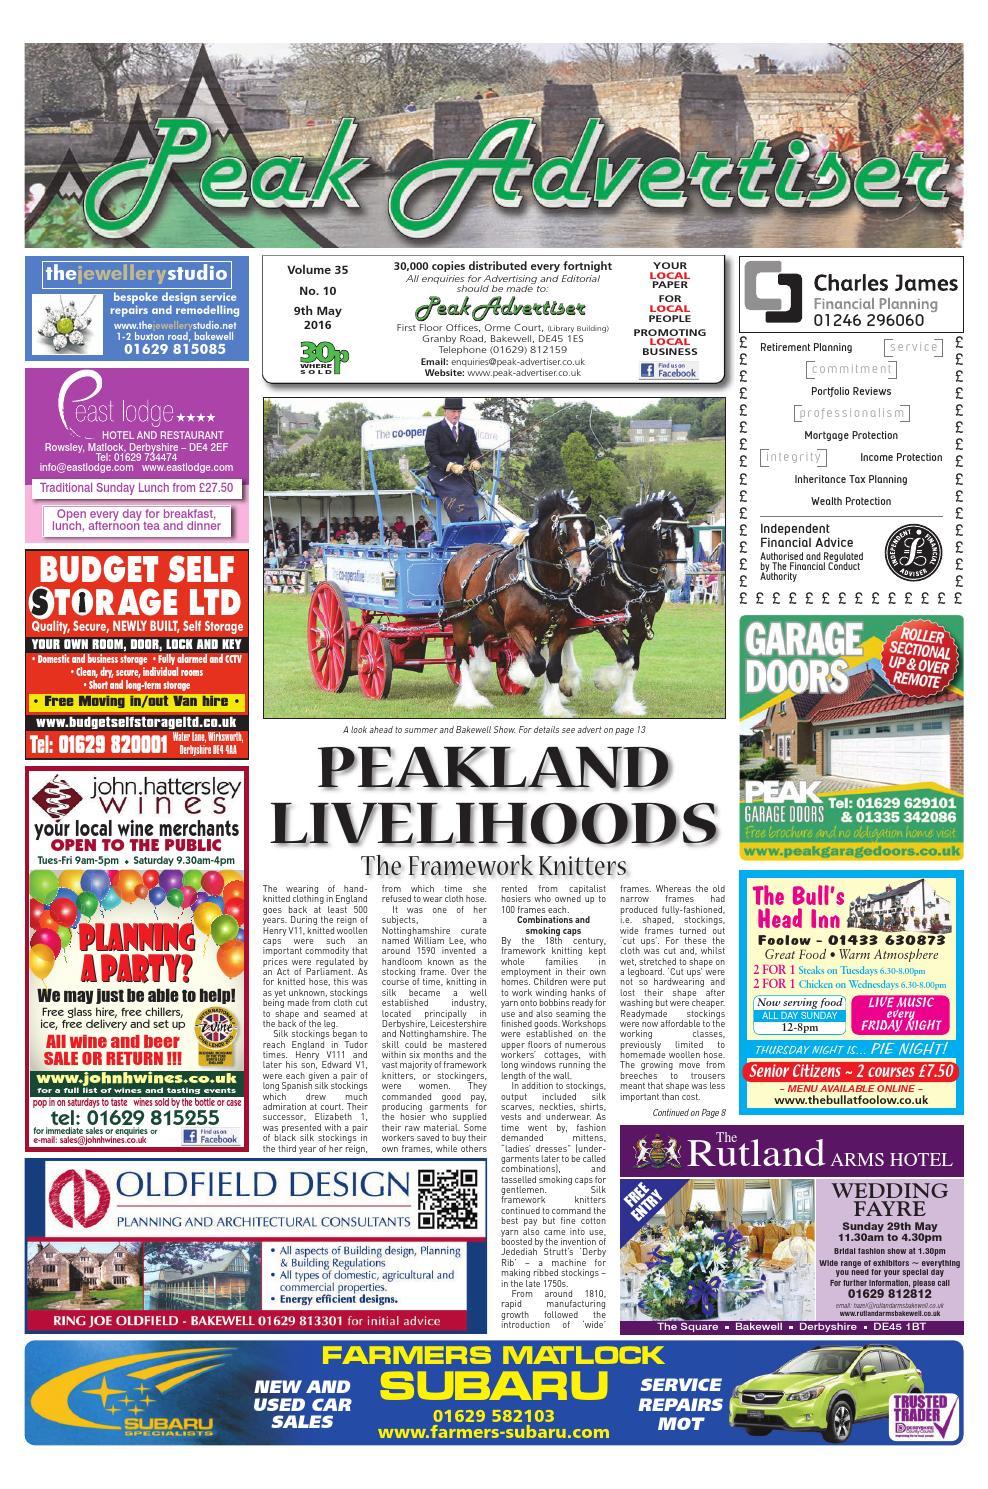 The Peak Advertiser 9516 By